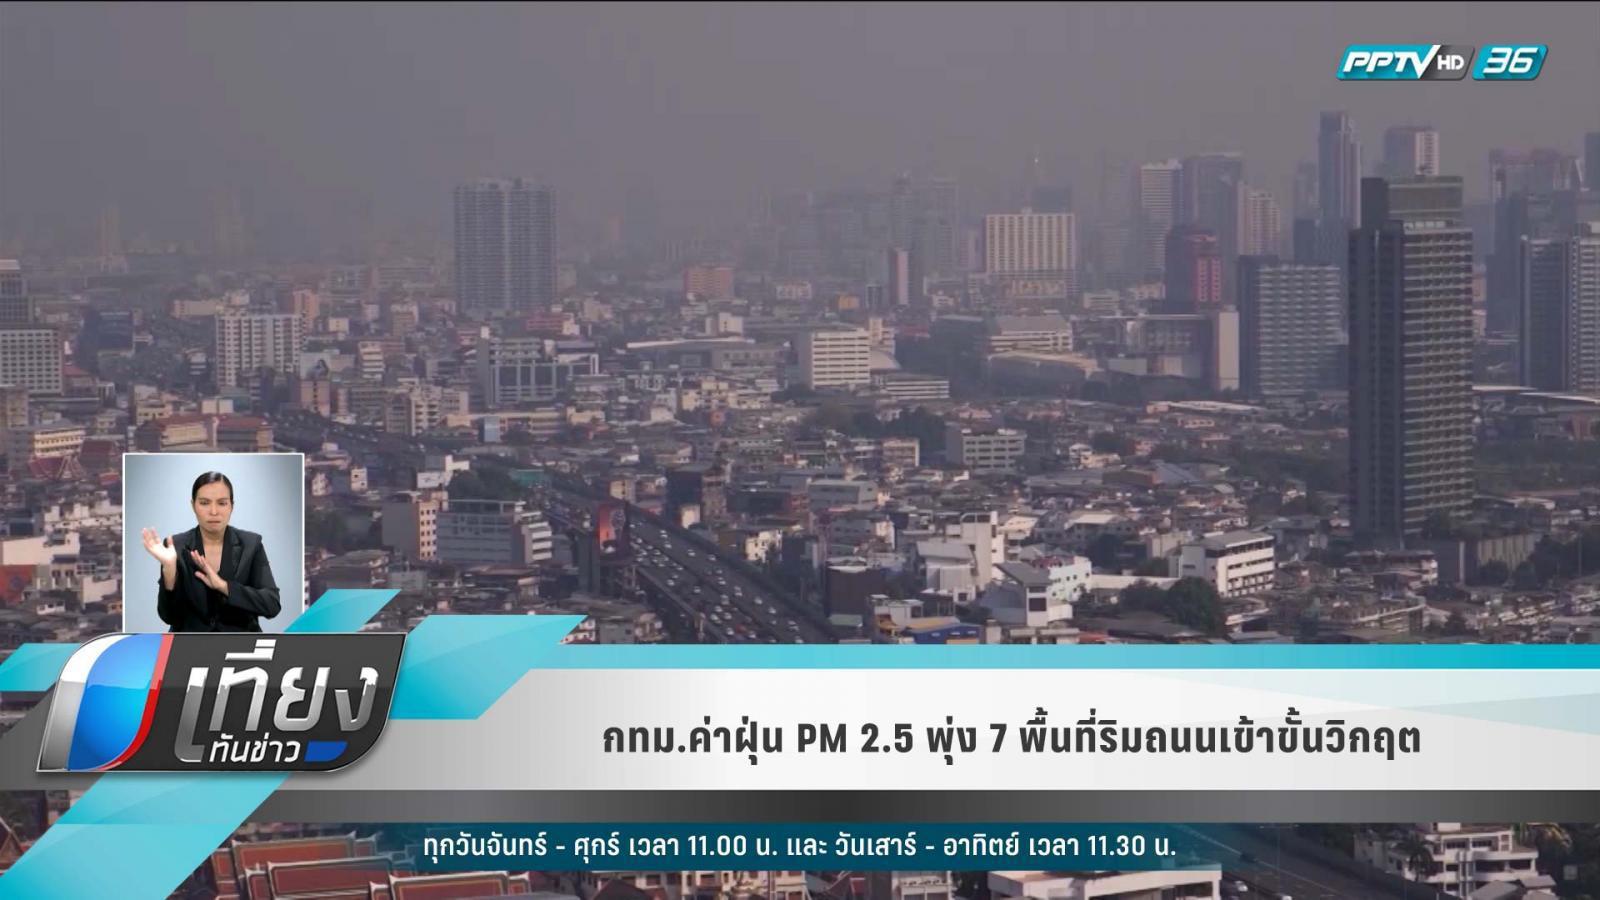 กทม.ค่าฝุ่น PM2.5 พุ่ง 7 พื้นที่ริมถนนเข้าขั้นวิกฤต